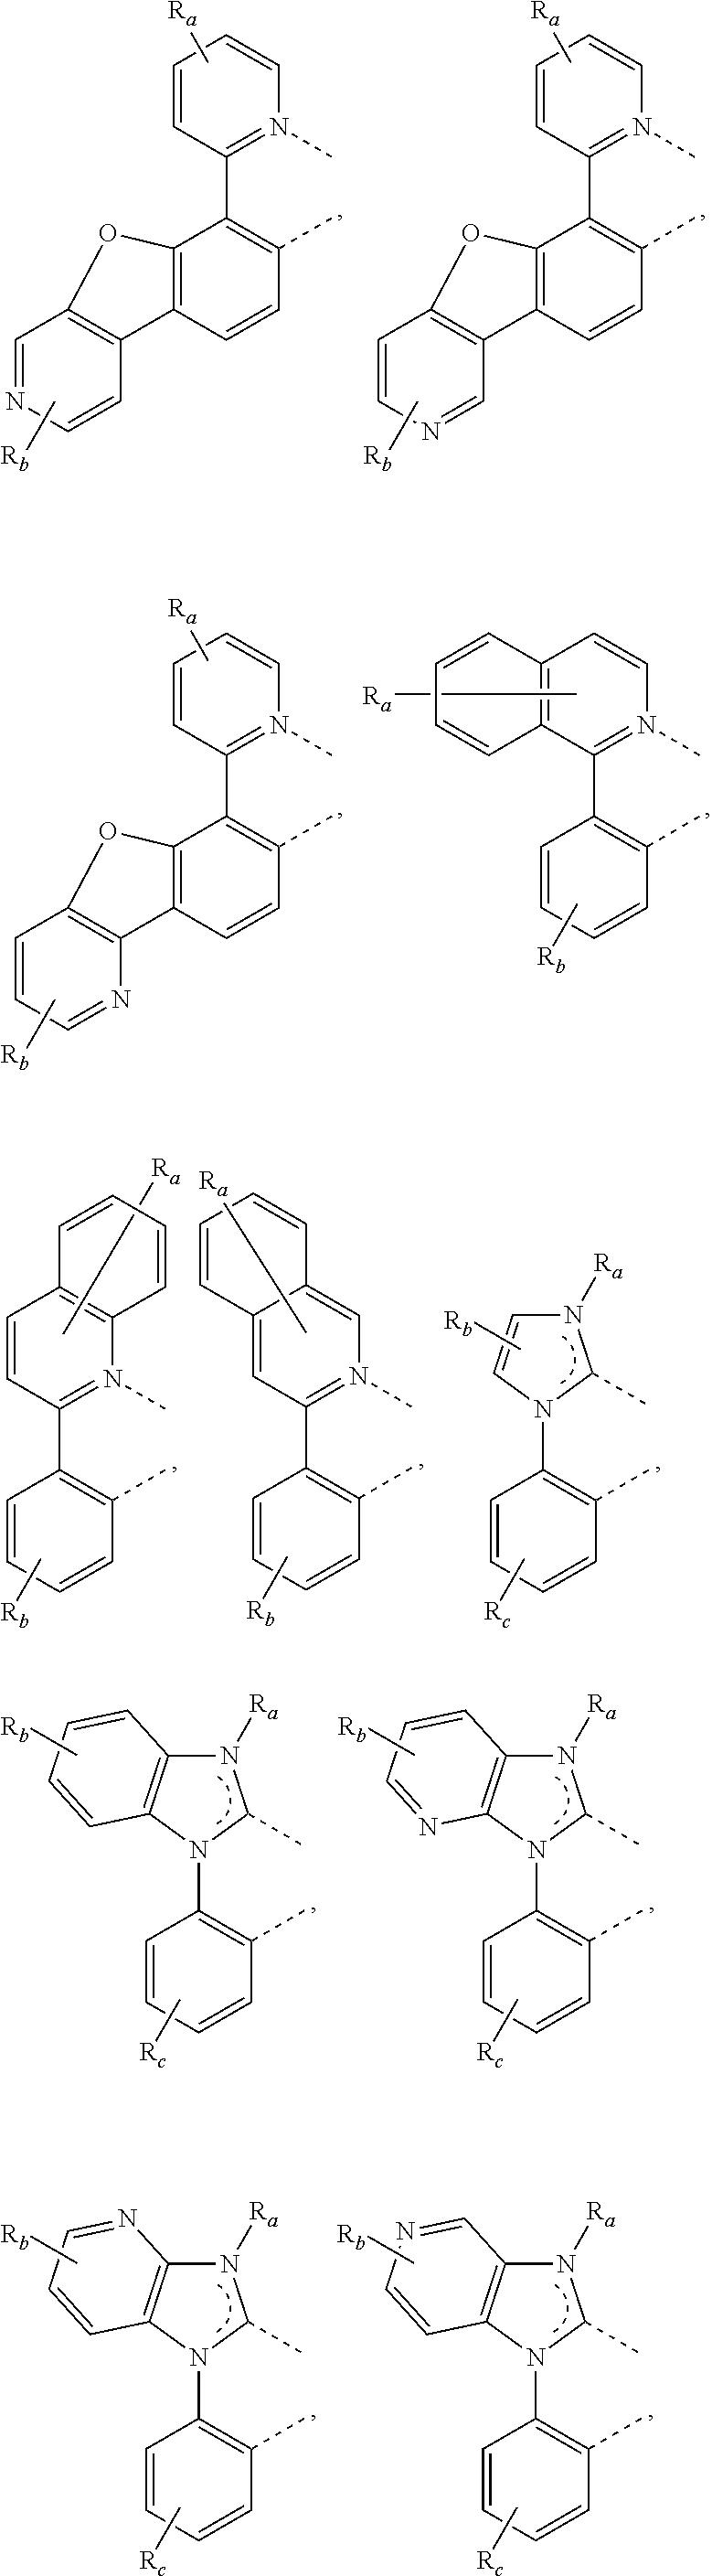 Figure US09876173-20180123-C00256